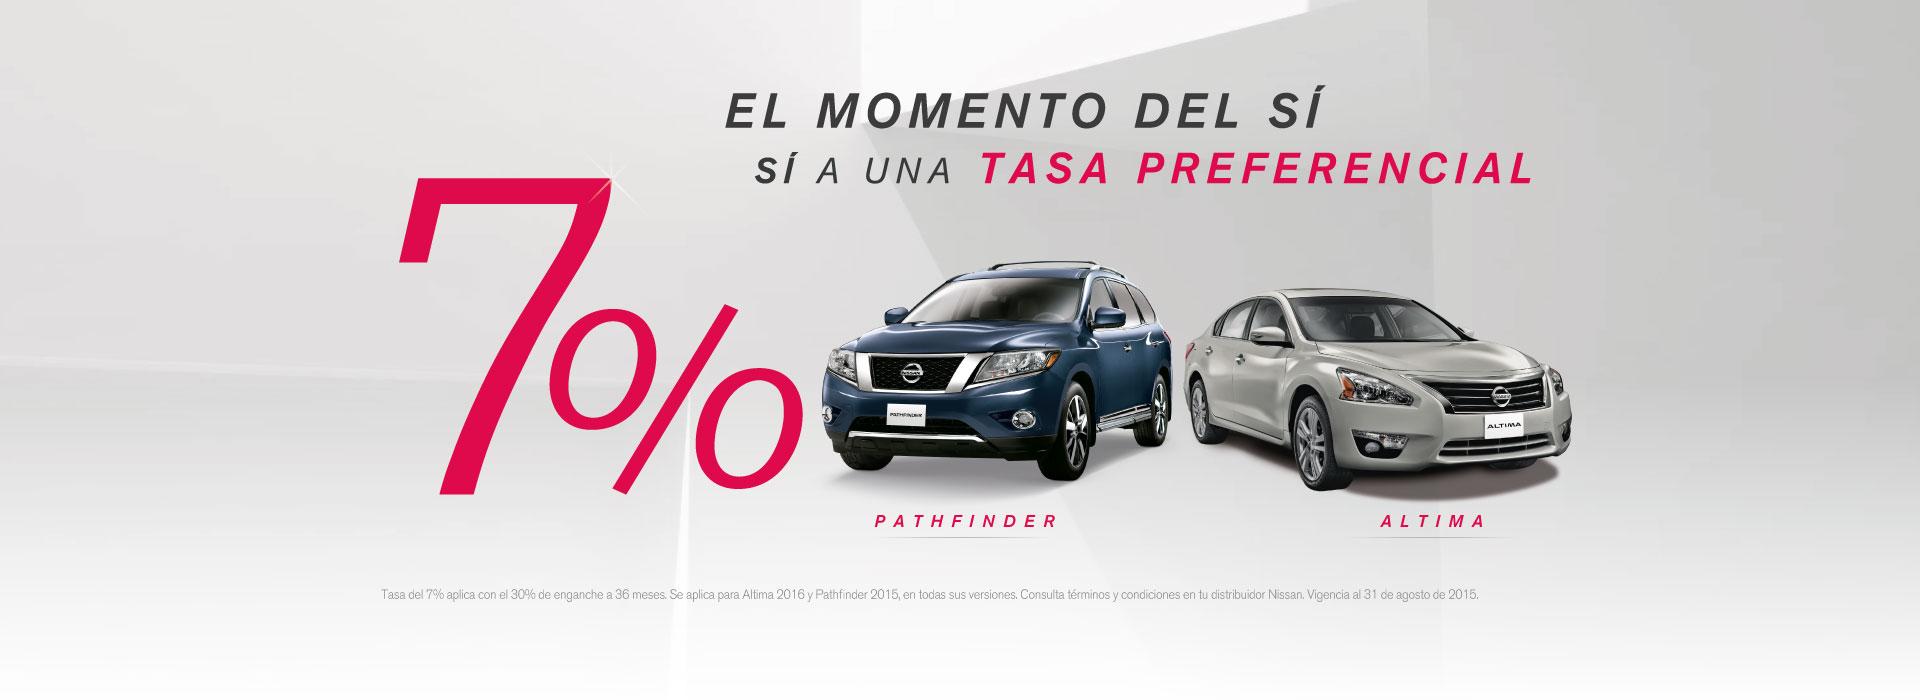 Promocion 7% Pathfinder y Altima